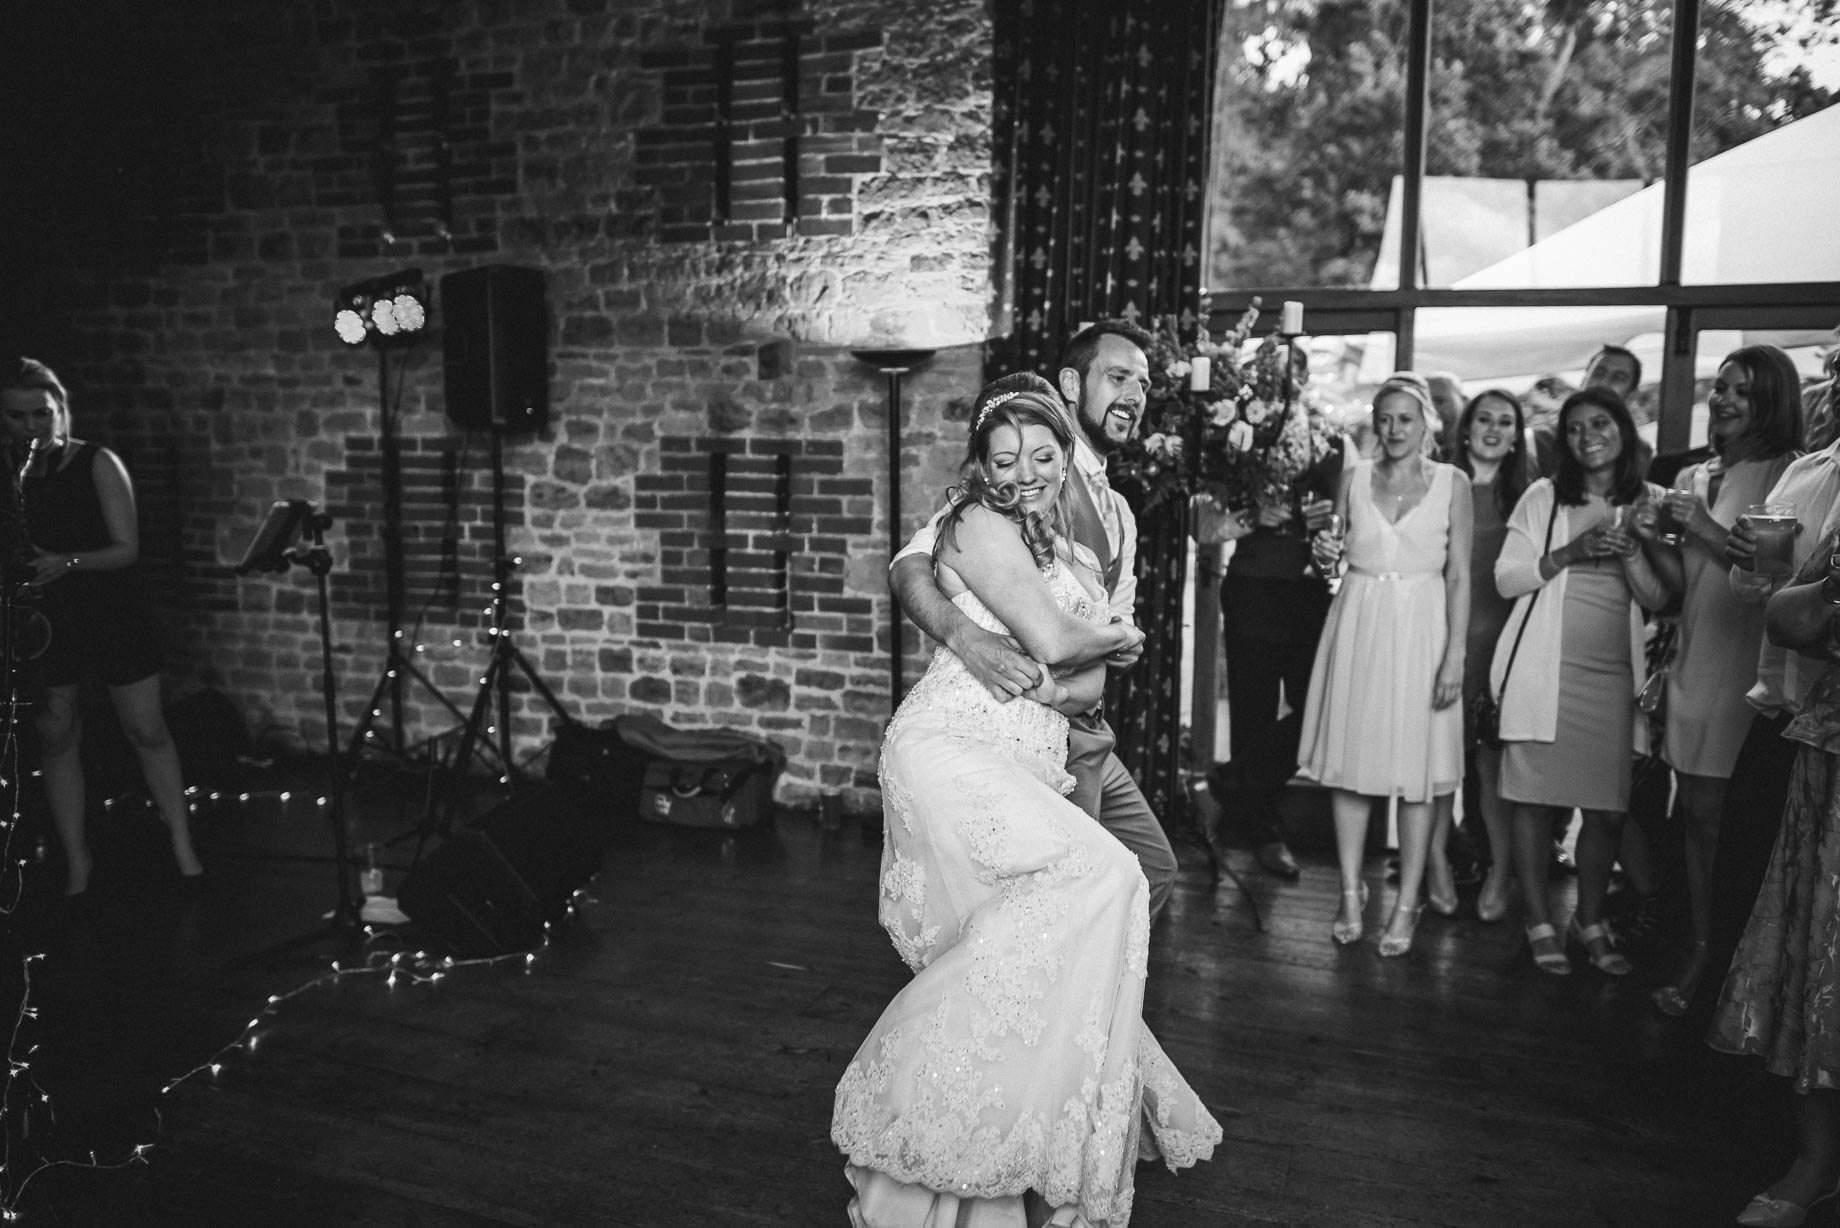 Bartholomew Barns wedding photography - Louise and Spencer (149 of 151)